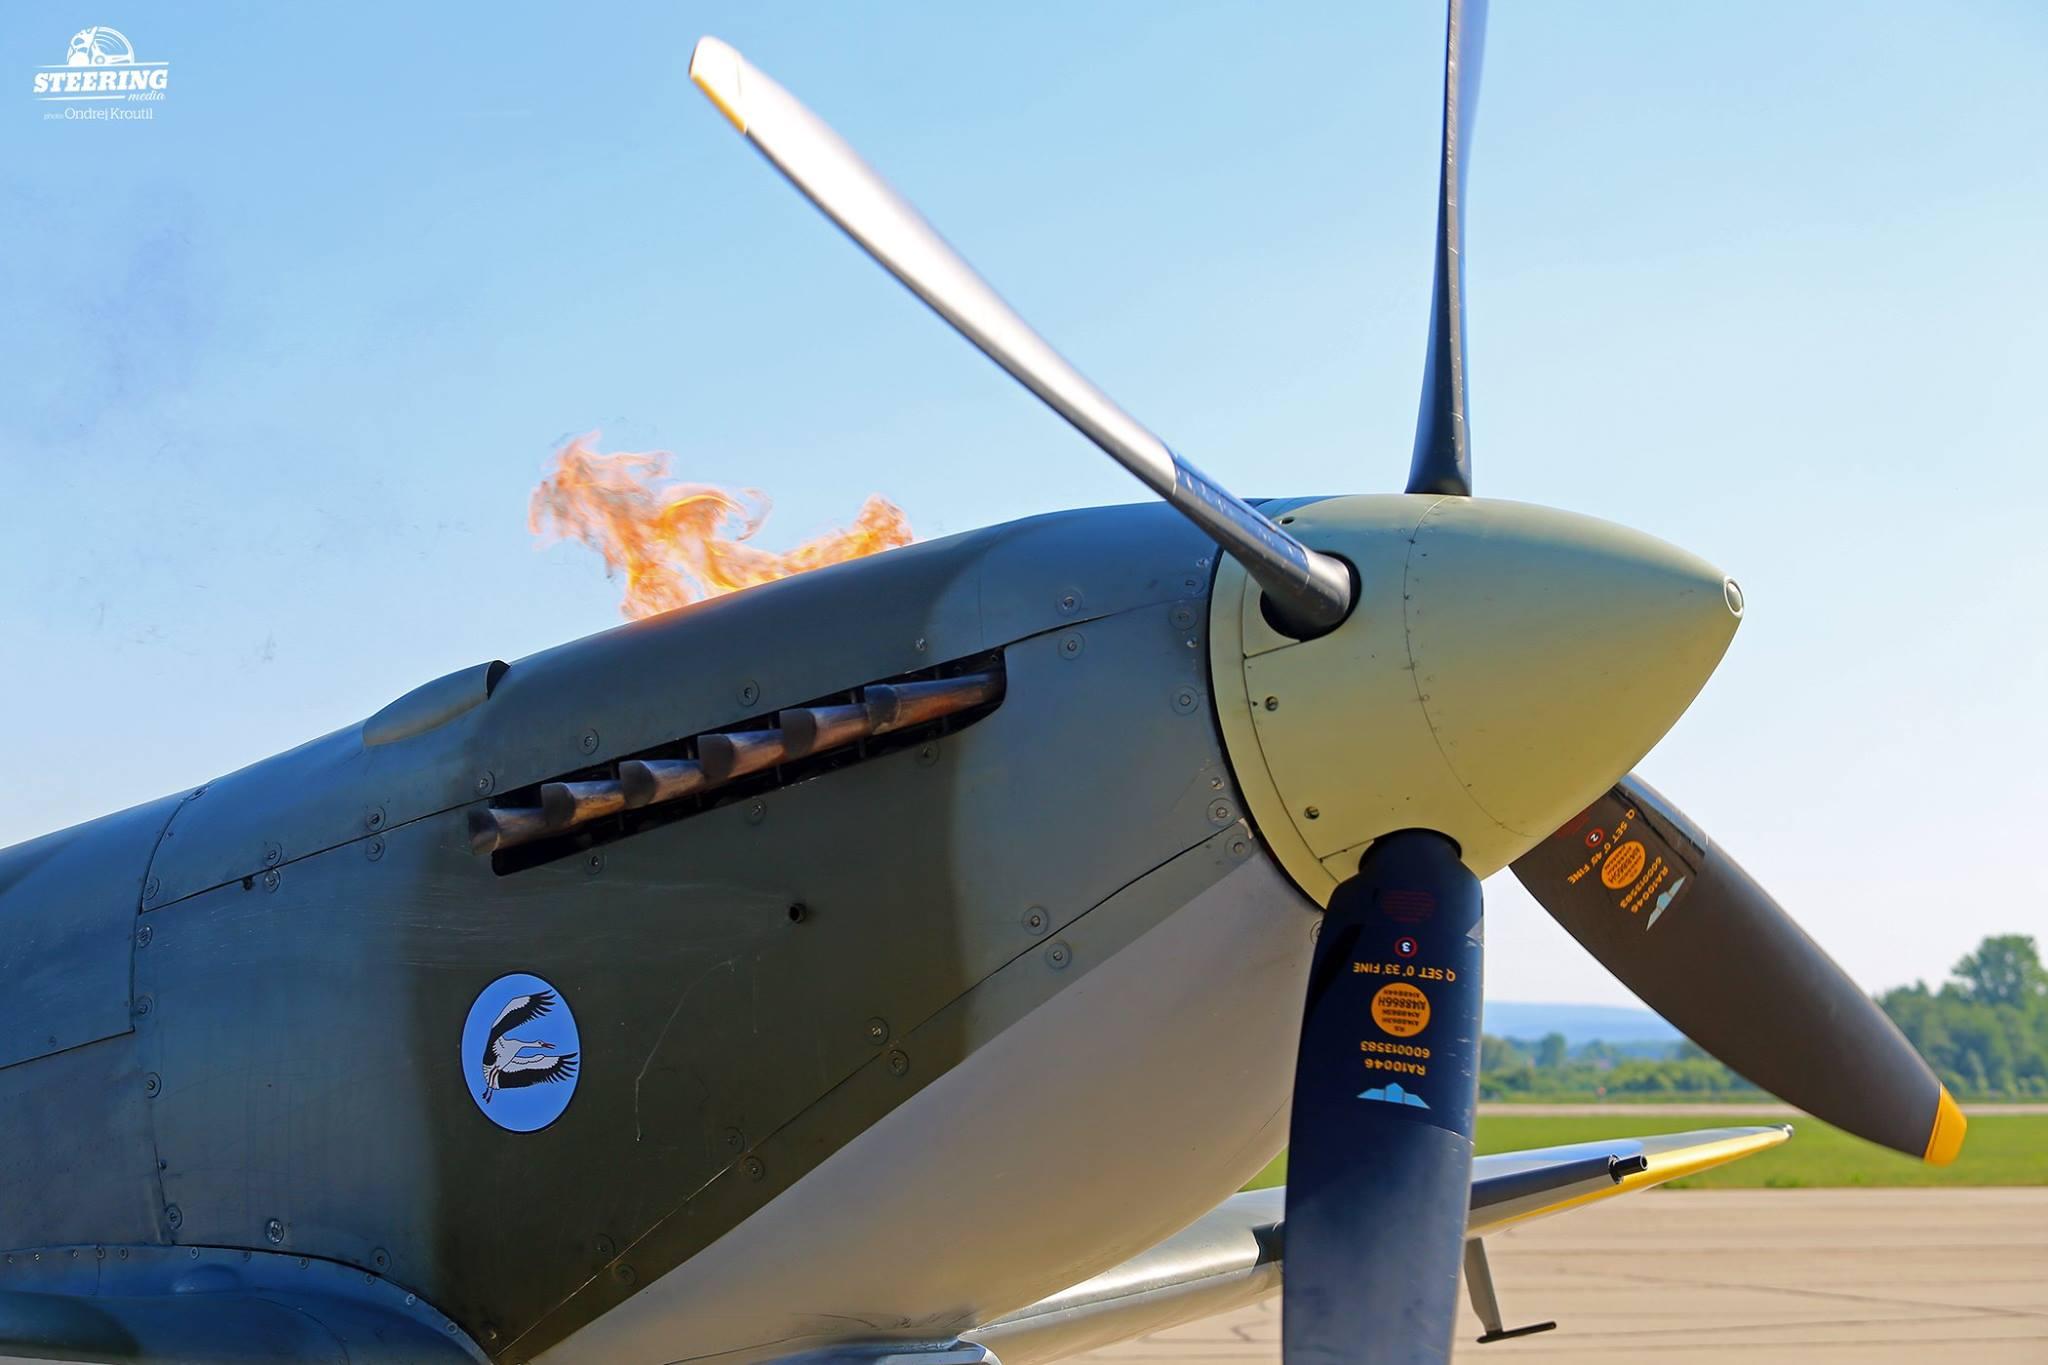 Spitfire flames